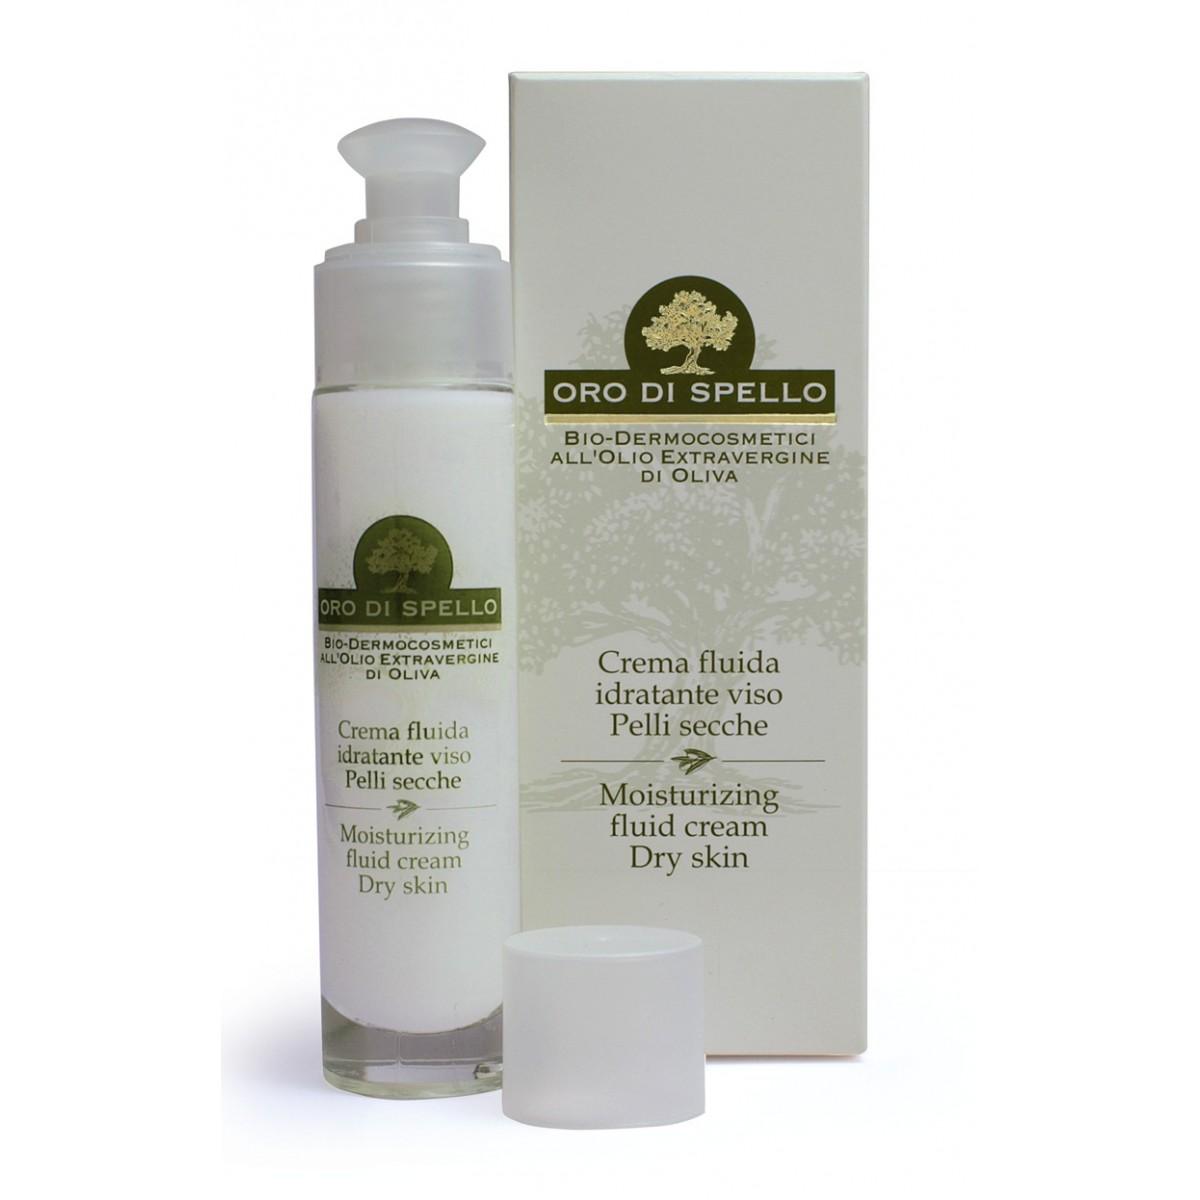 Fluid Creme Für Trockene Haut Gesicht 50ml Best Italy Store